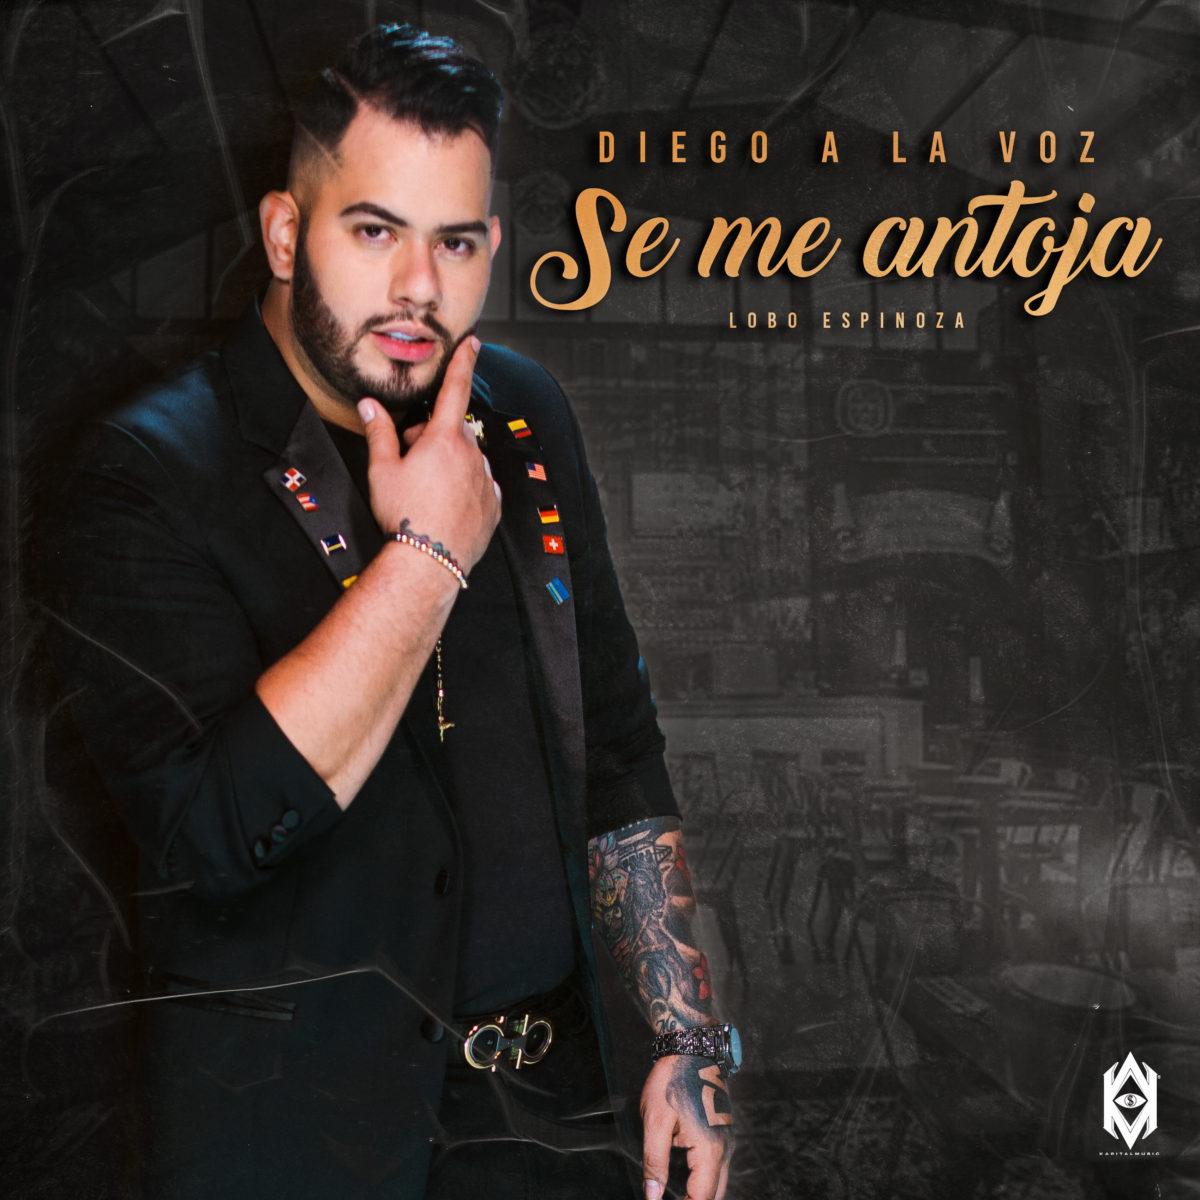 'Se me antoja' el nuevo sencillo de Diego a la voz, se convirtió en el favorito de la temporada